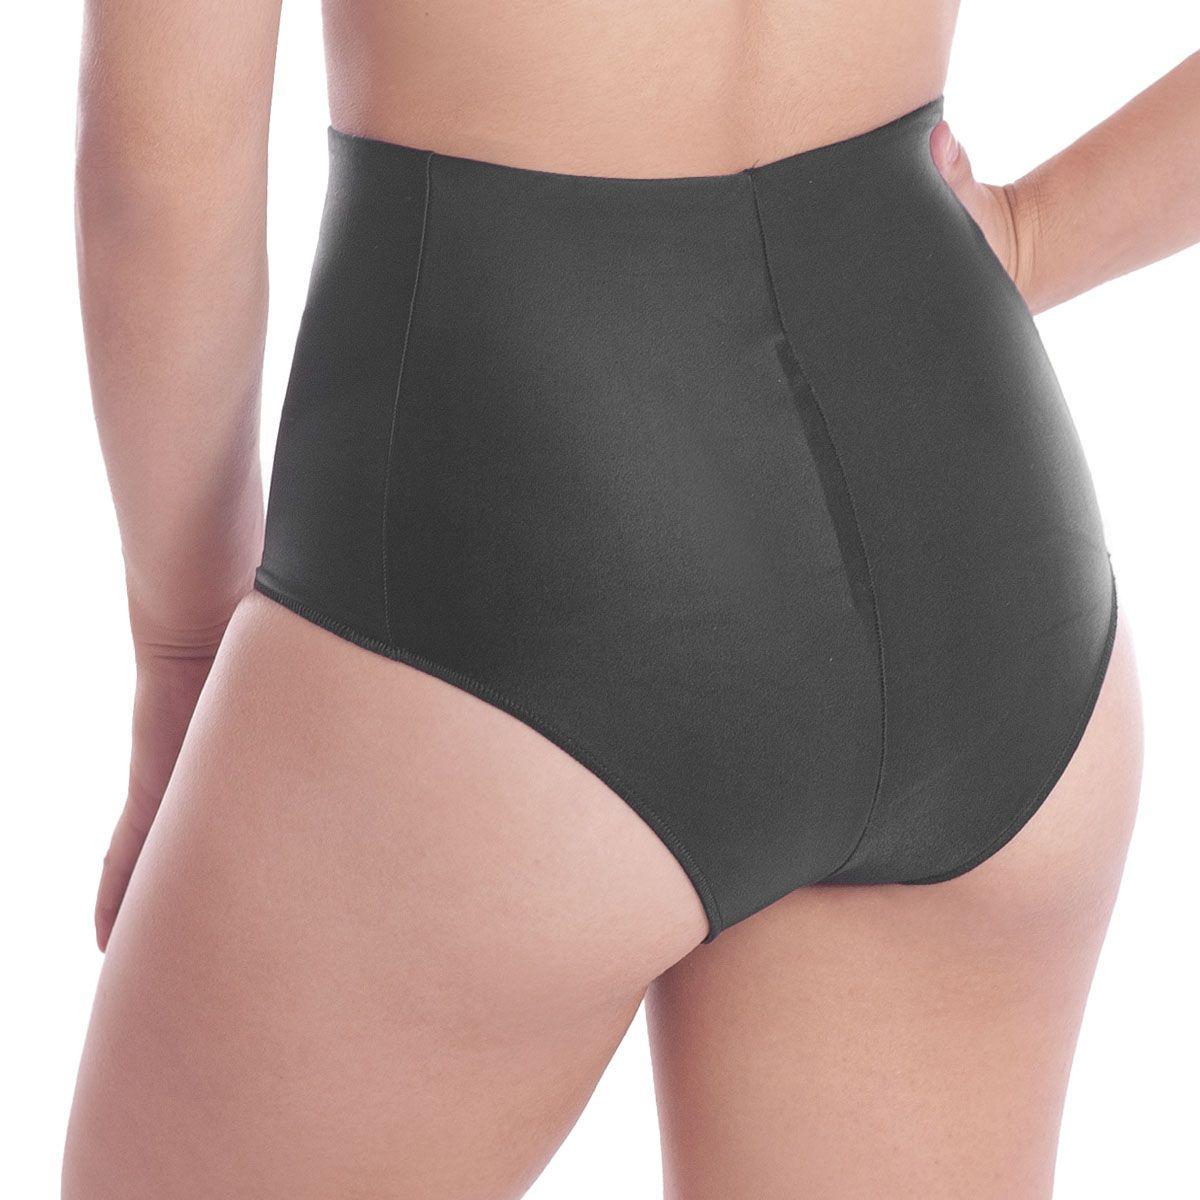 Calcinha modeladora cintura alta de microfibra redutora de medidas Liebe